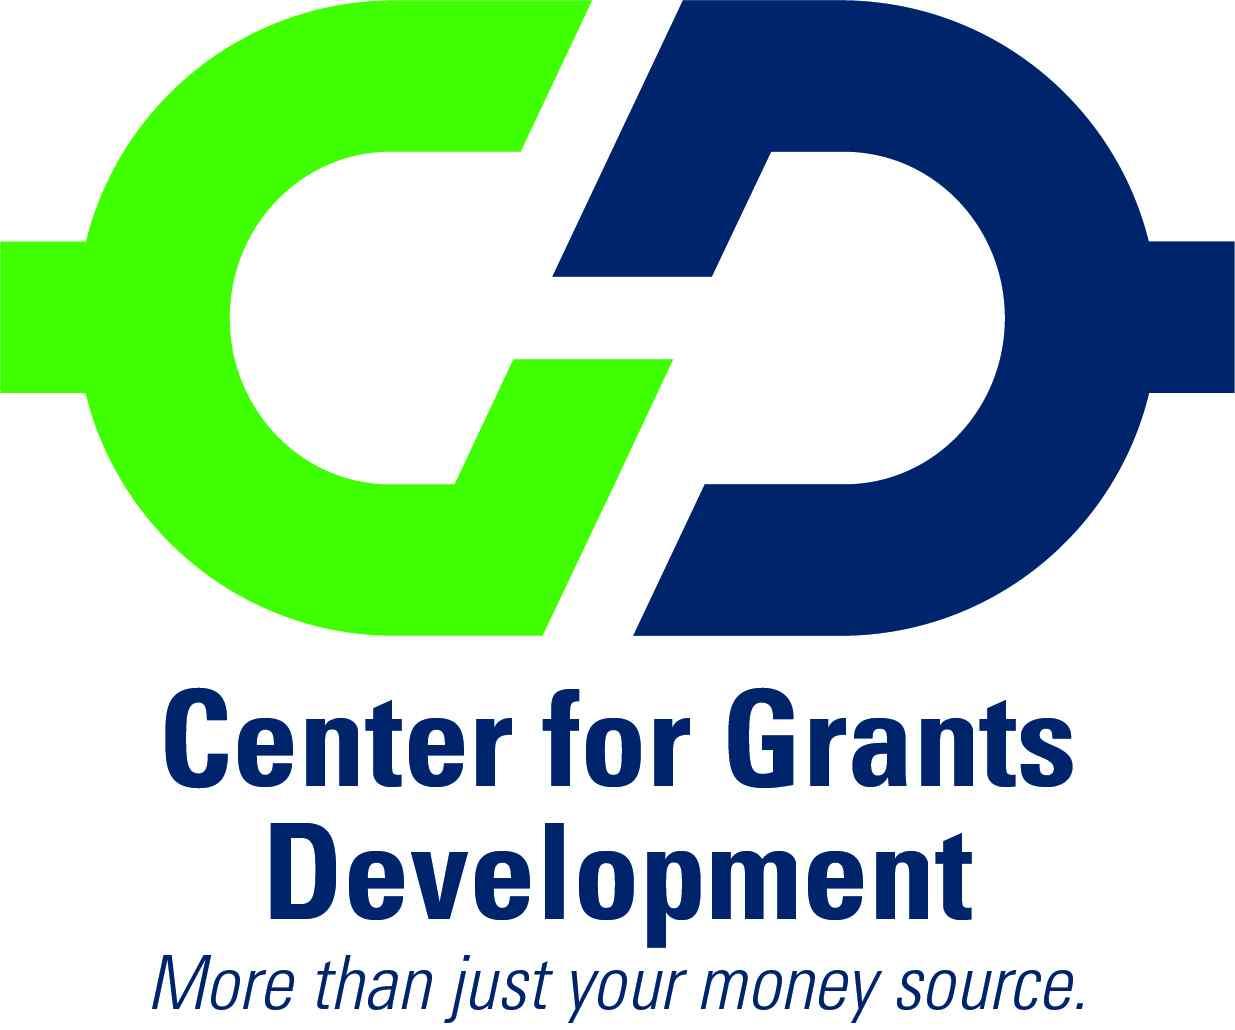 Image of the Center for Grants Development logo.